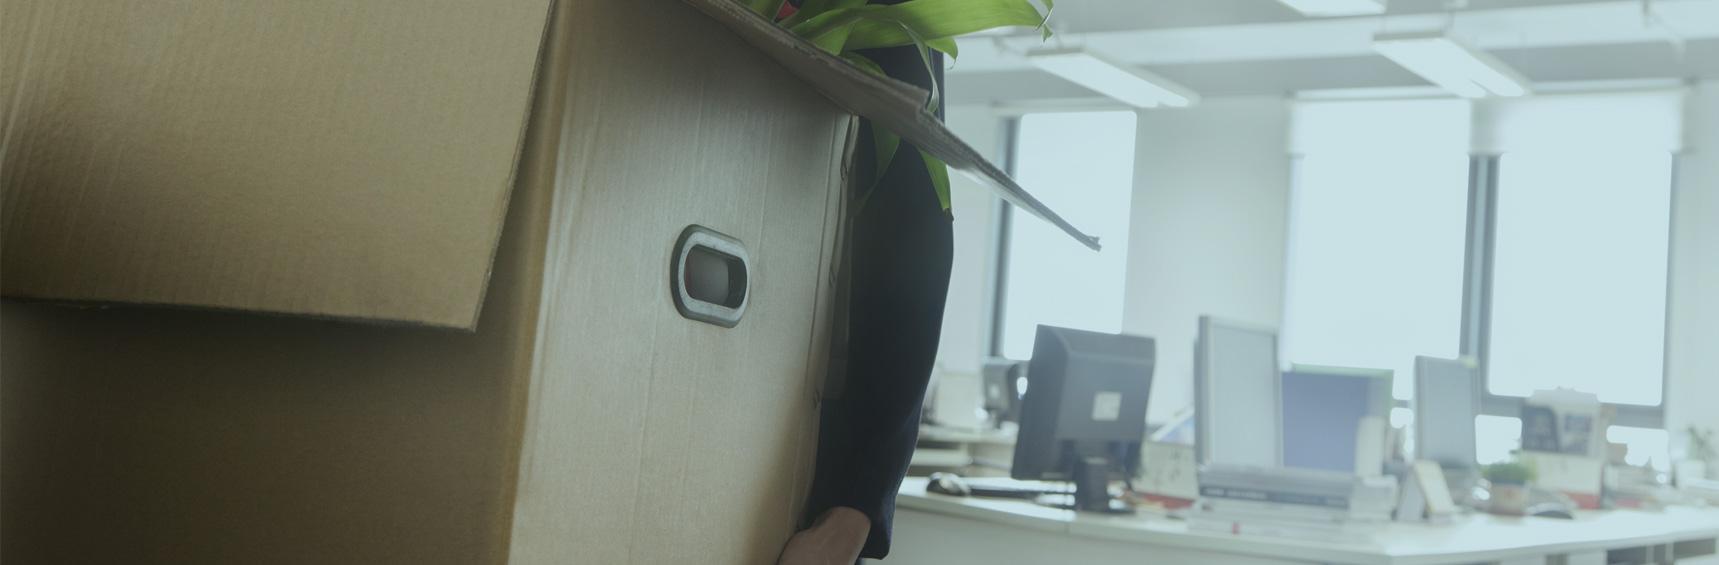 Verhuismanagement | Oostelbos Van den Berg